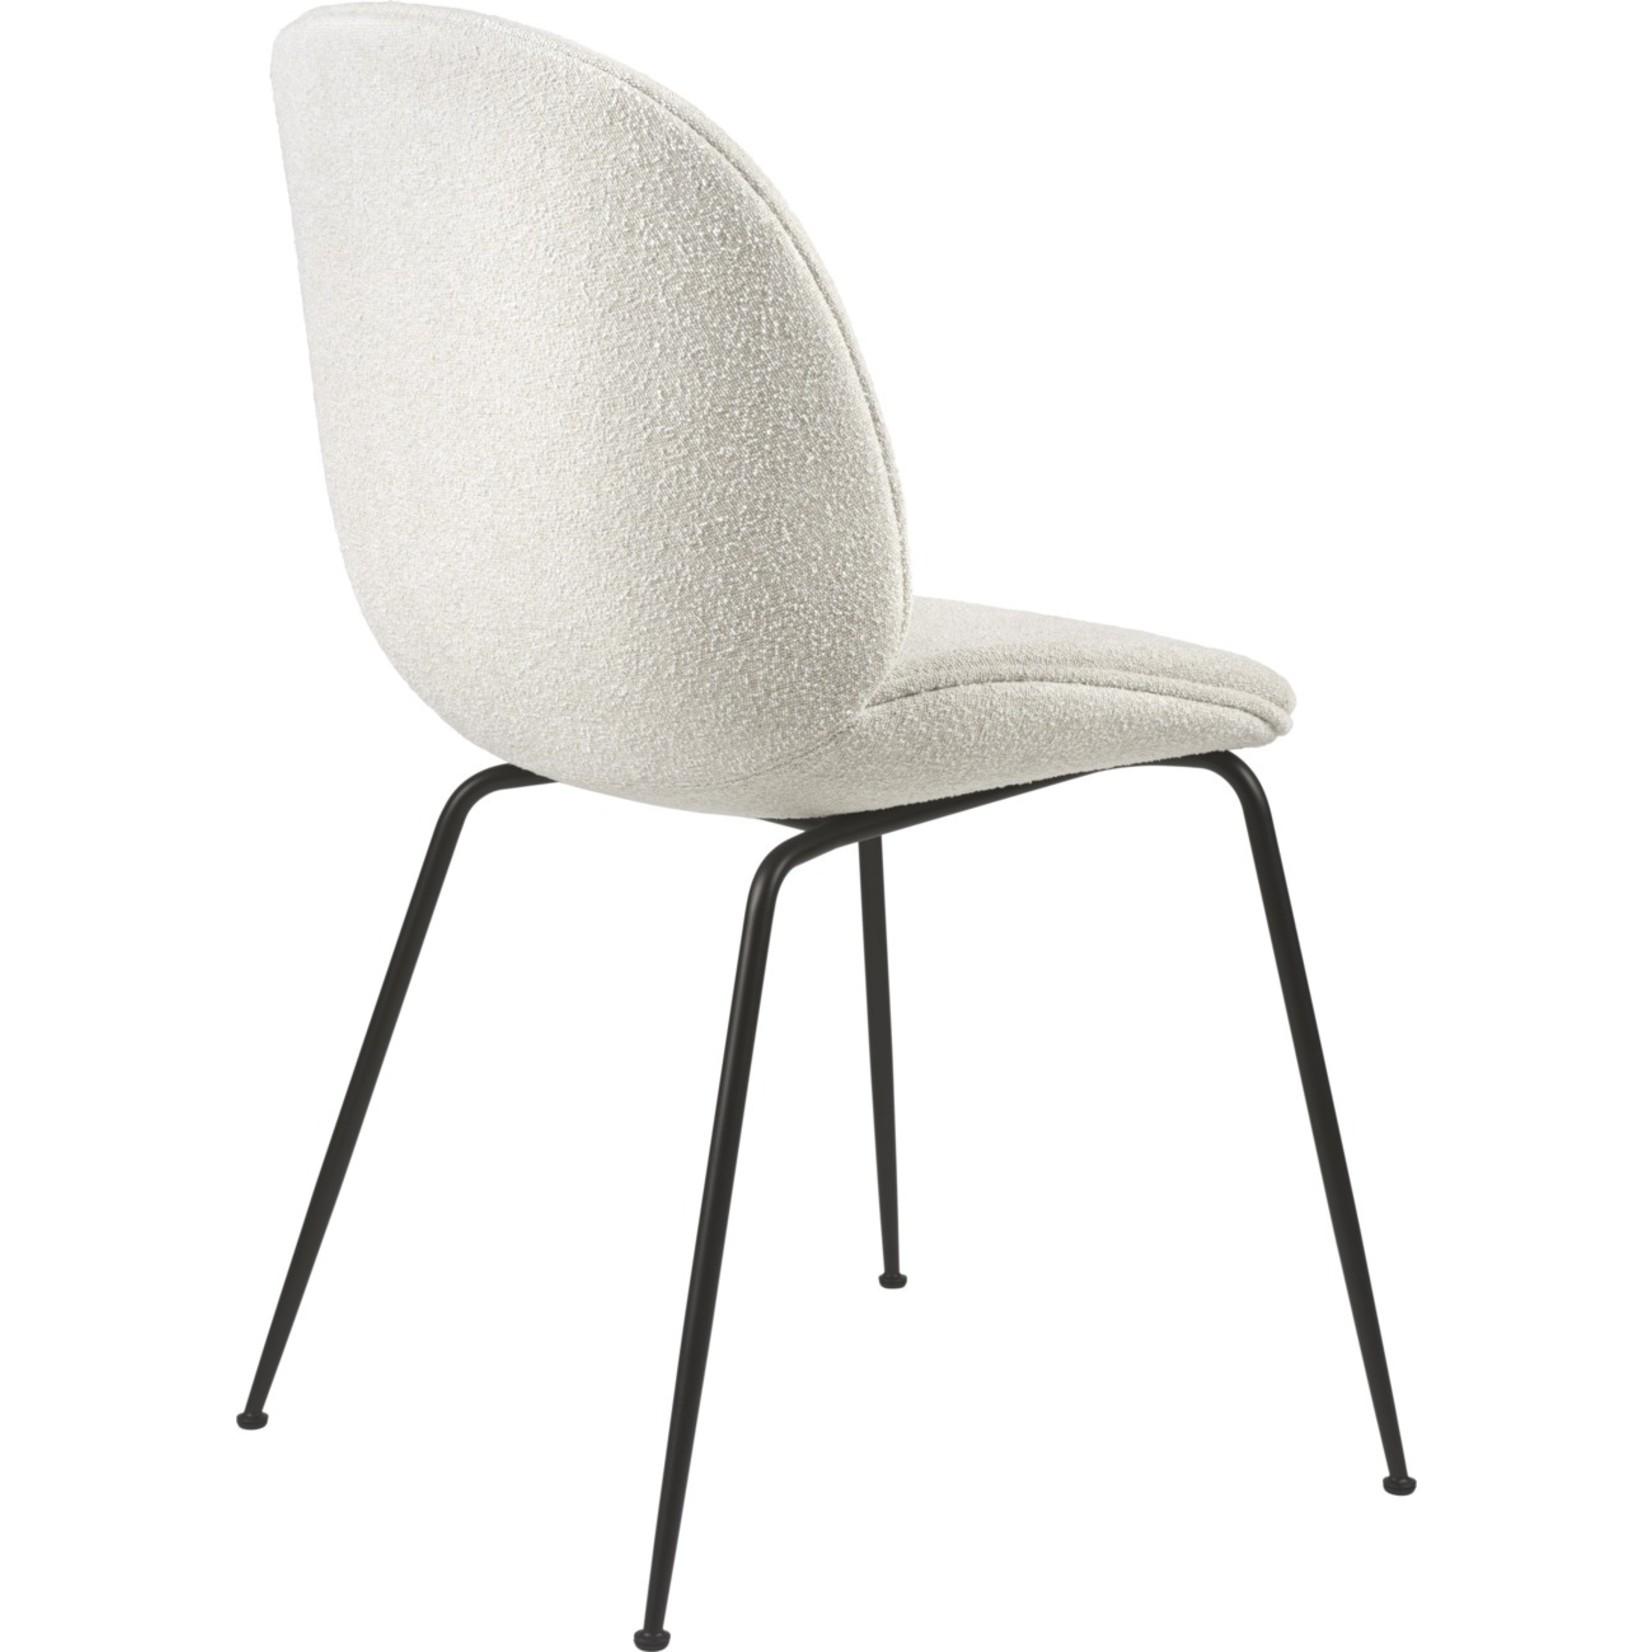 Gubi Beetle Dining Chair | Light Bouclé 001 & Black Matt Base